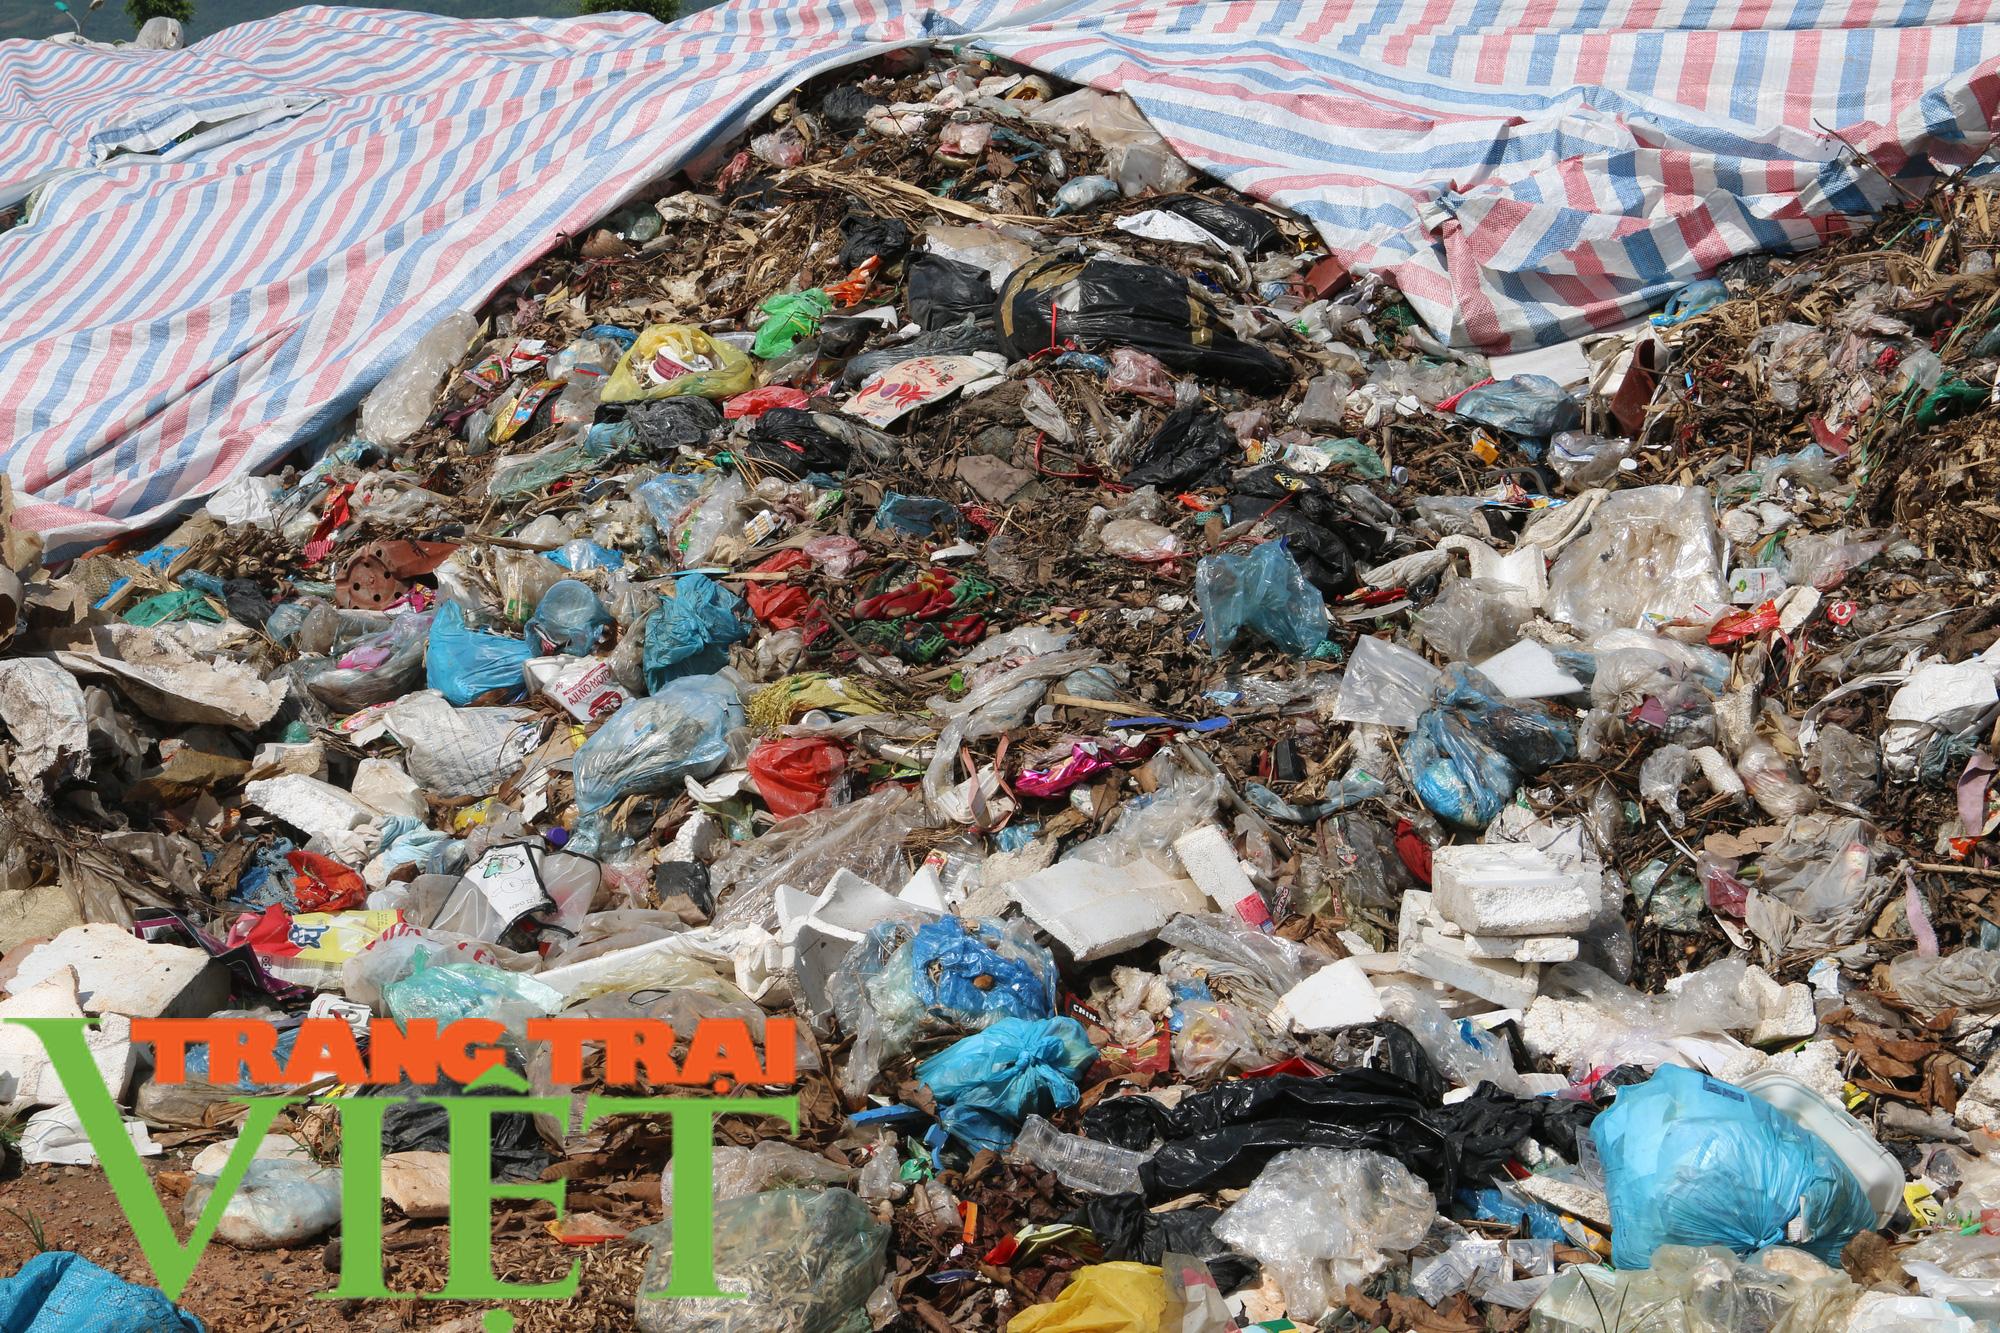 Hoà Bình: Người dân kêu trời vì rác chất đầy gần quảng trường - Ảnh 6.